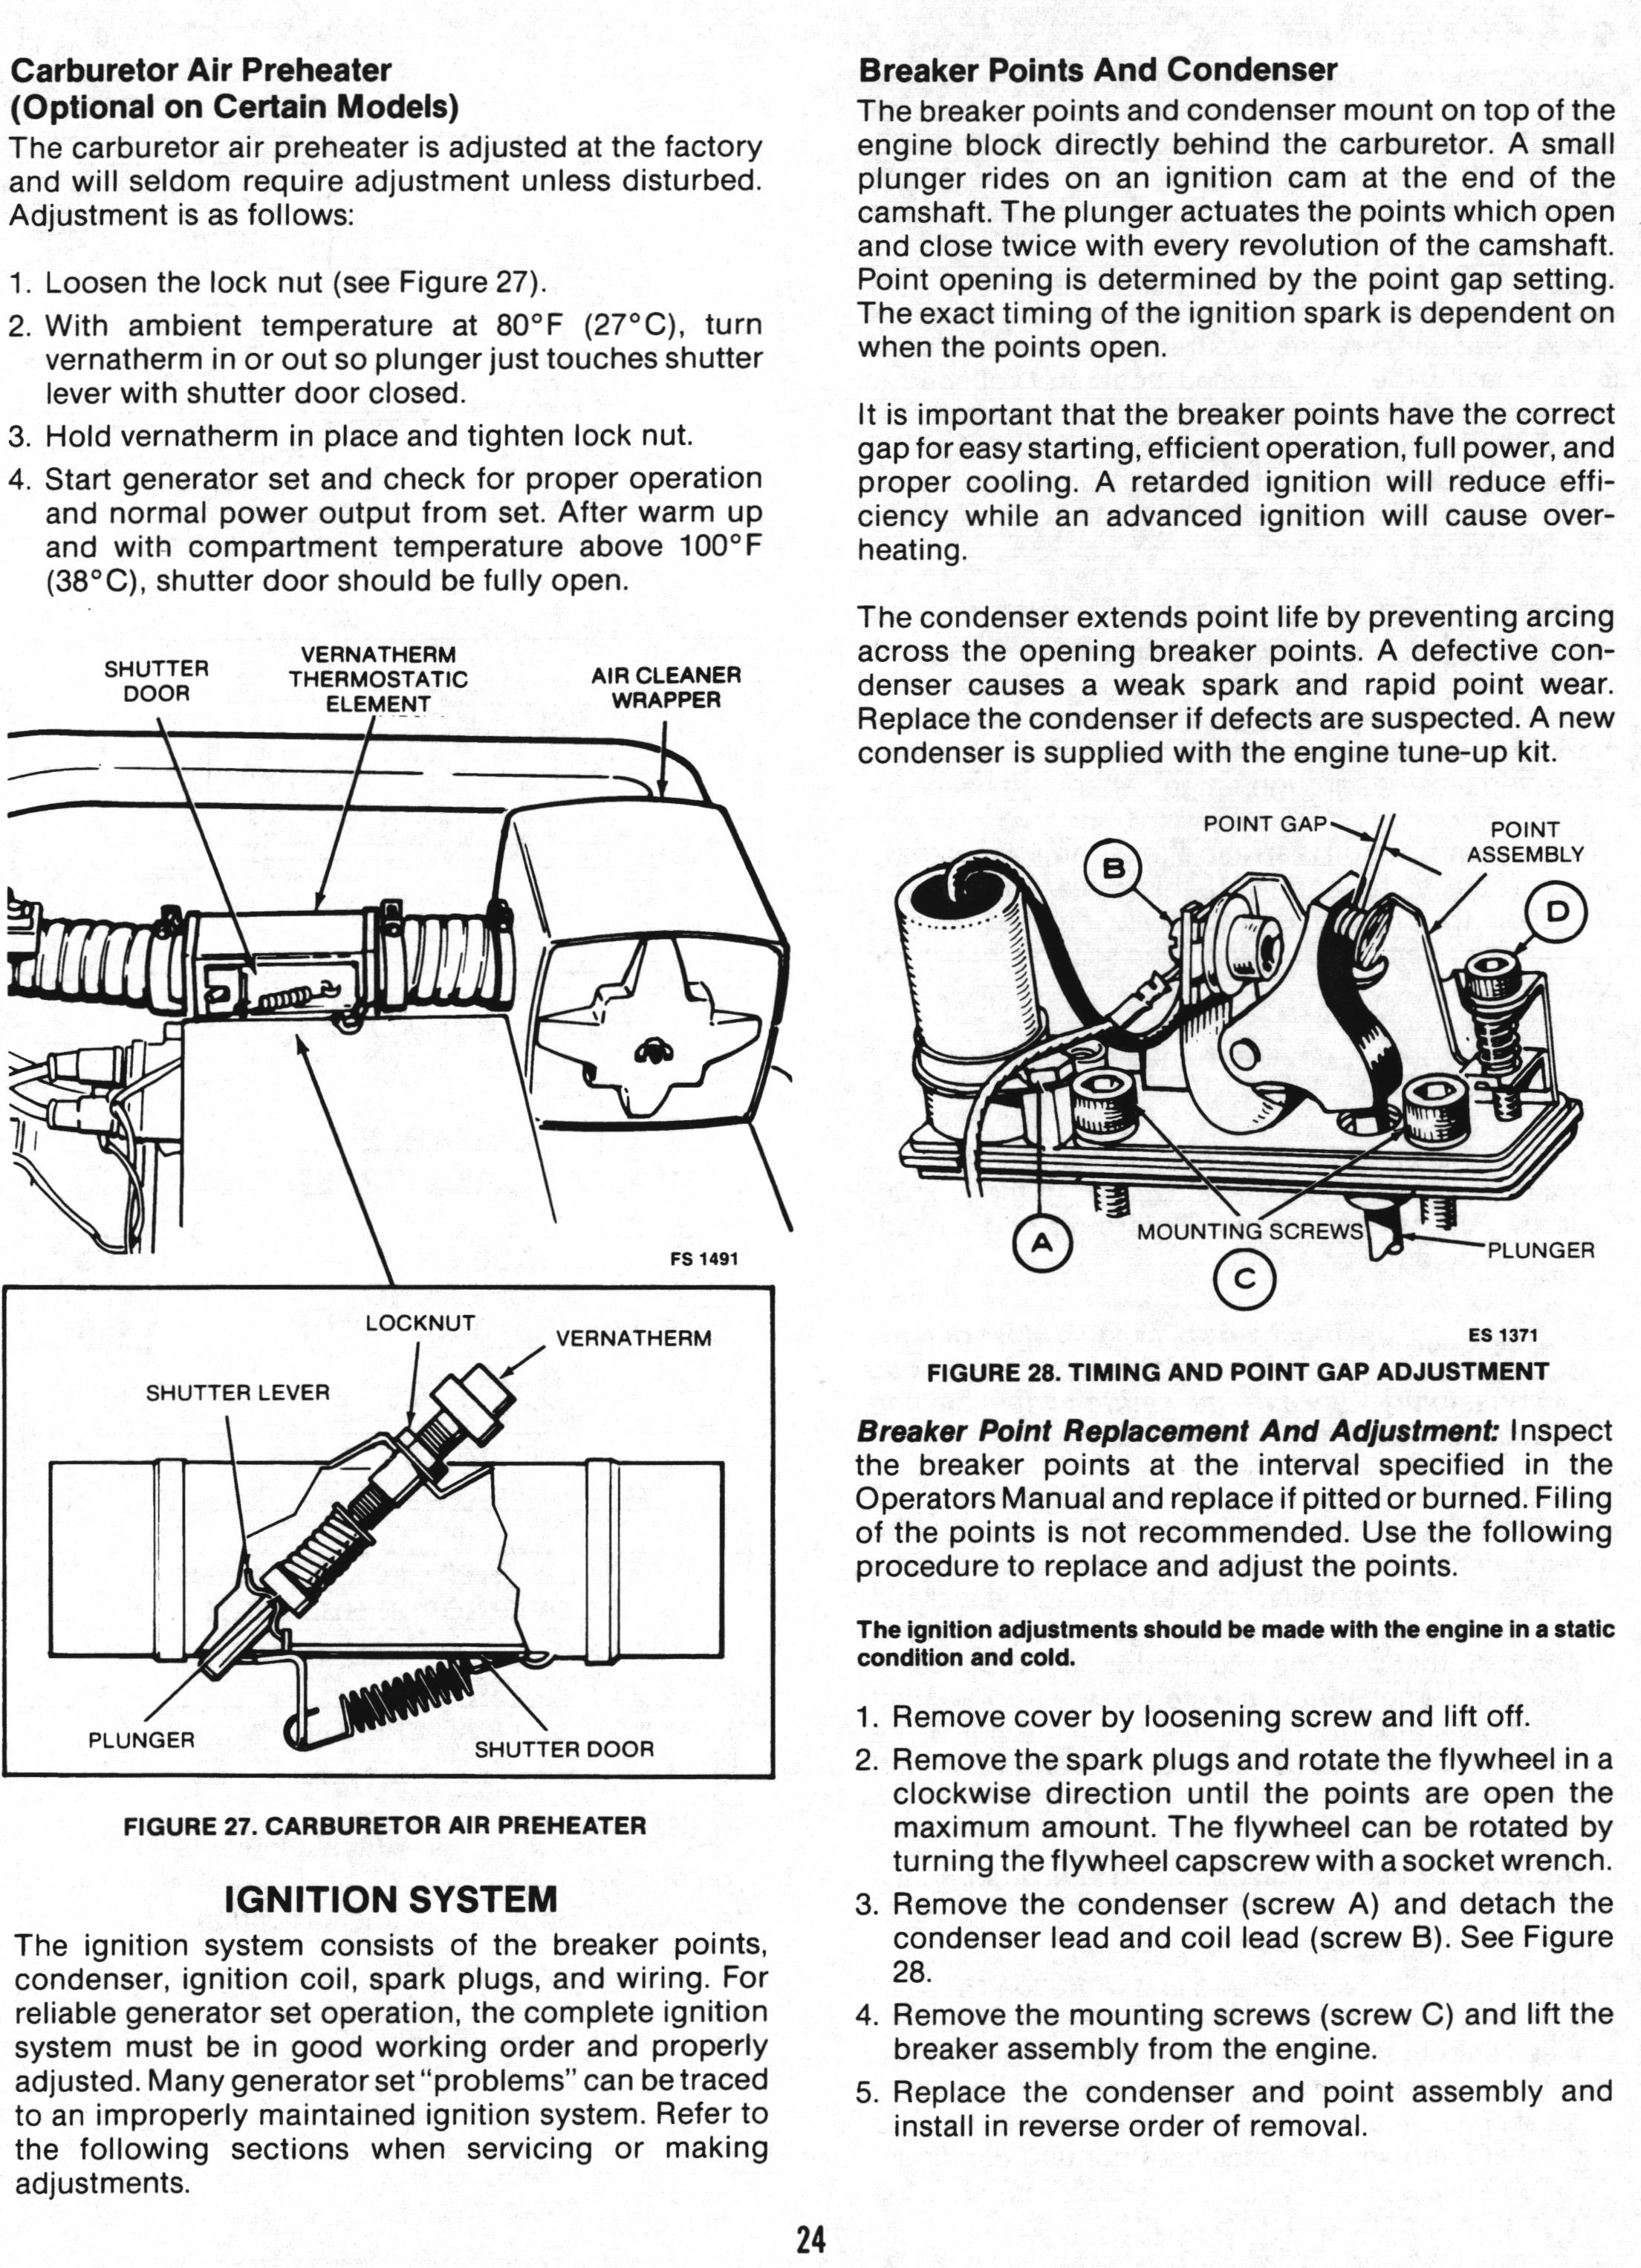 Onan Service Manual for BF/BFA/BGA/NH: 900-0337: Page 24